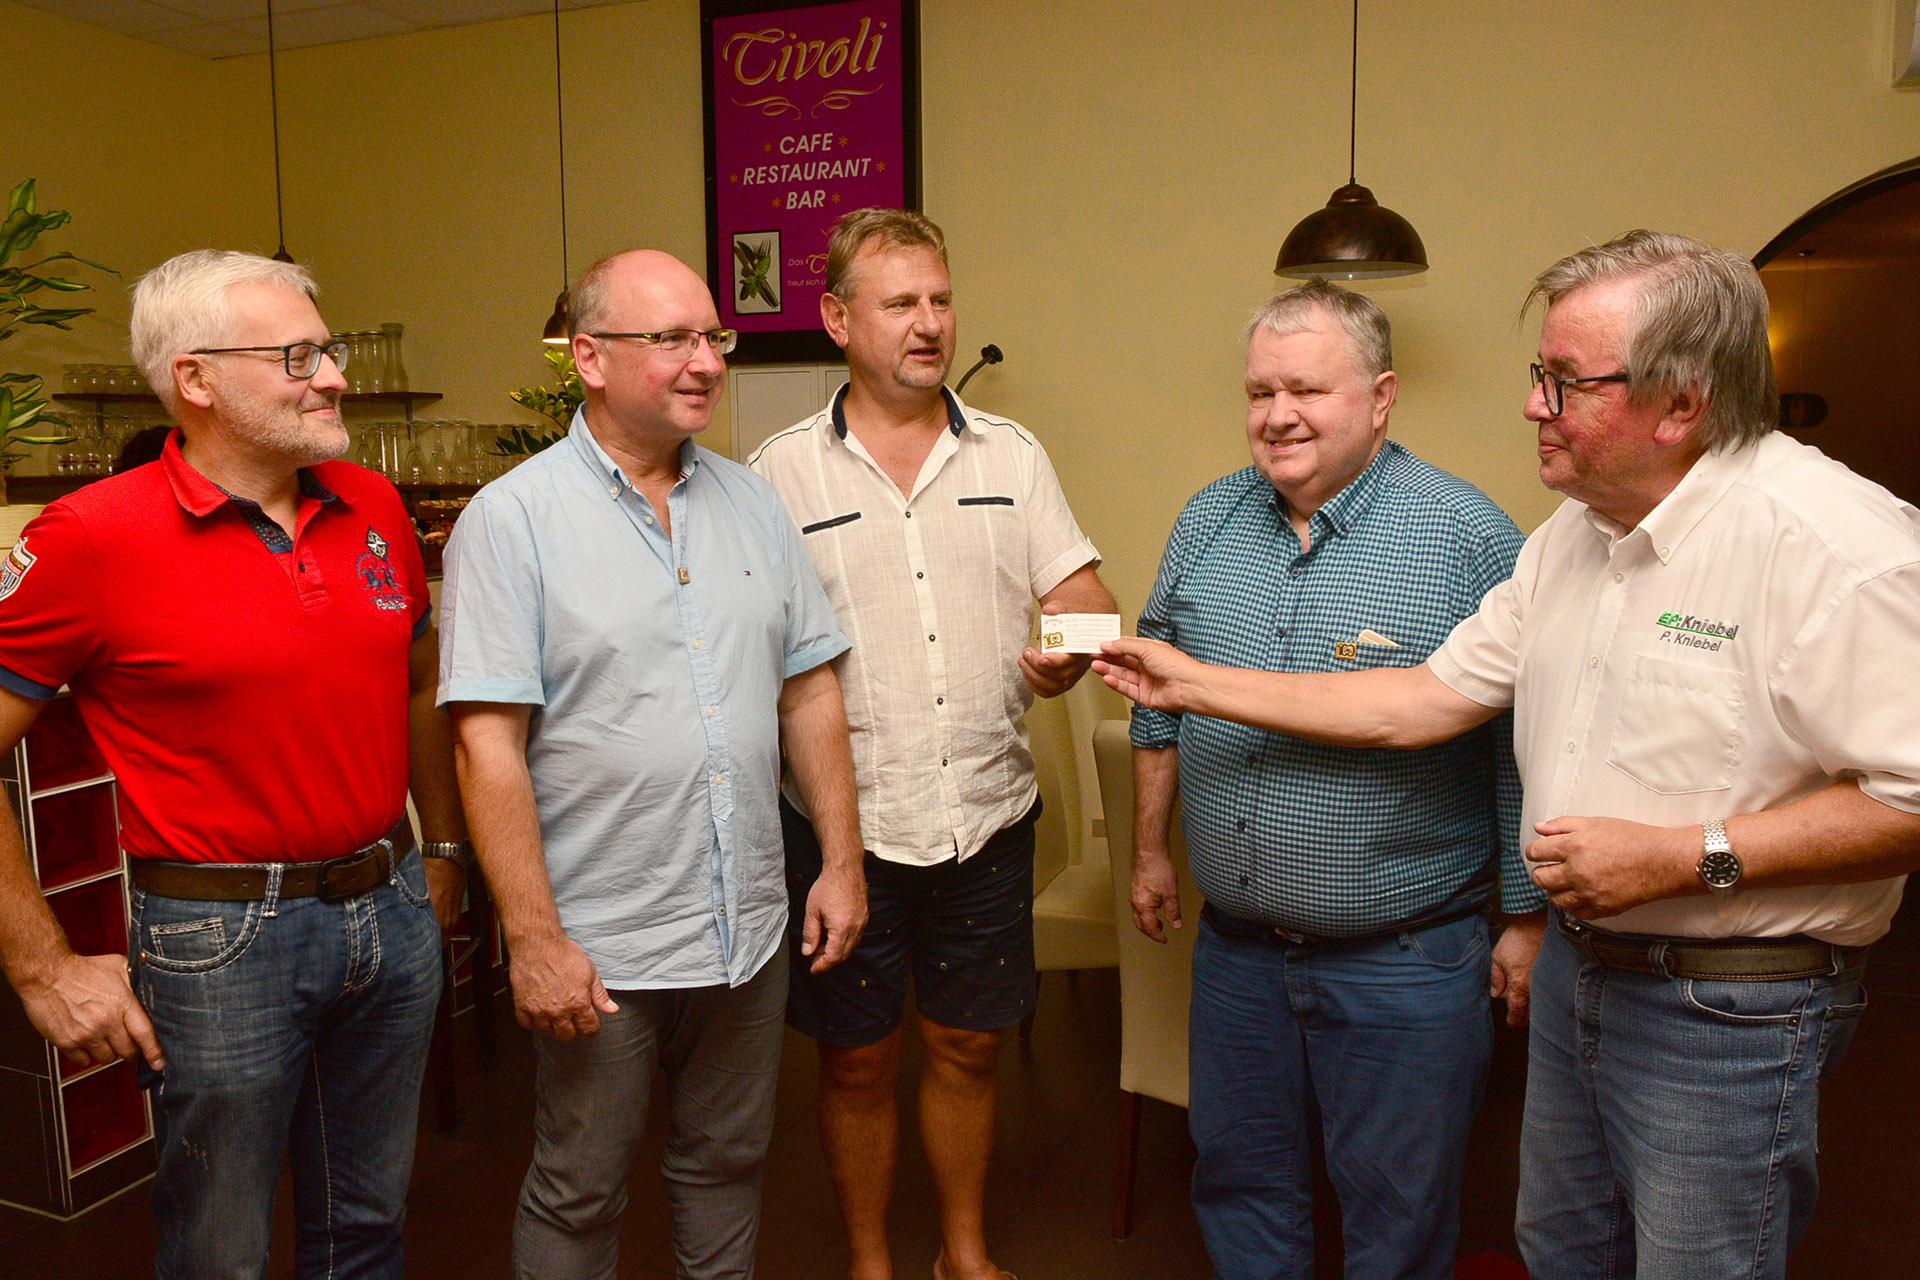 Präsident Peter Kniebel (rechts) gratuliert (von links) Andy Schlange, der in die Reihen des Lions Club aufgenommen wurde. Thomas Stein, Sven Heisig und Wilhelm Wüstner erhielten die diamantene Anstecknadel überreicht.